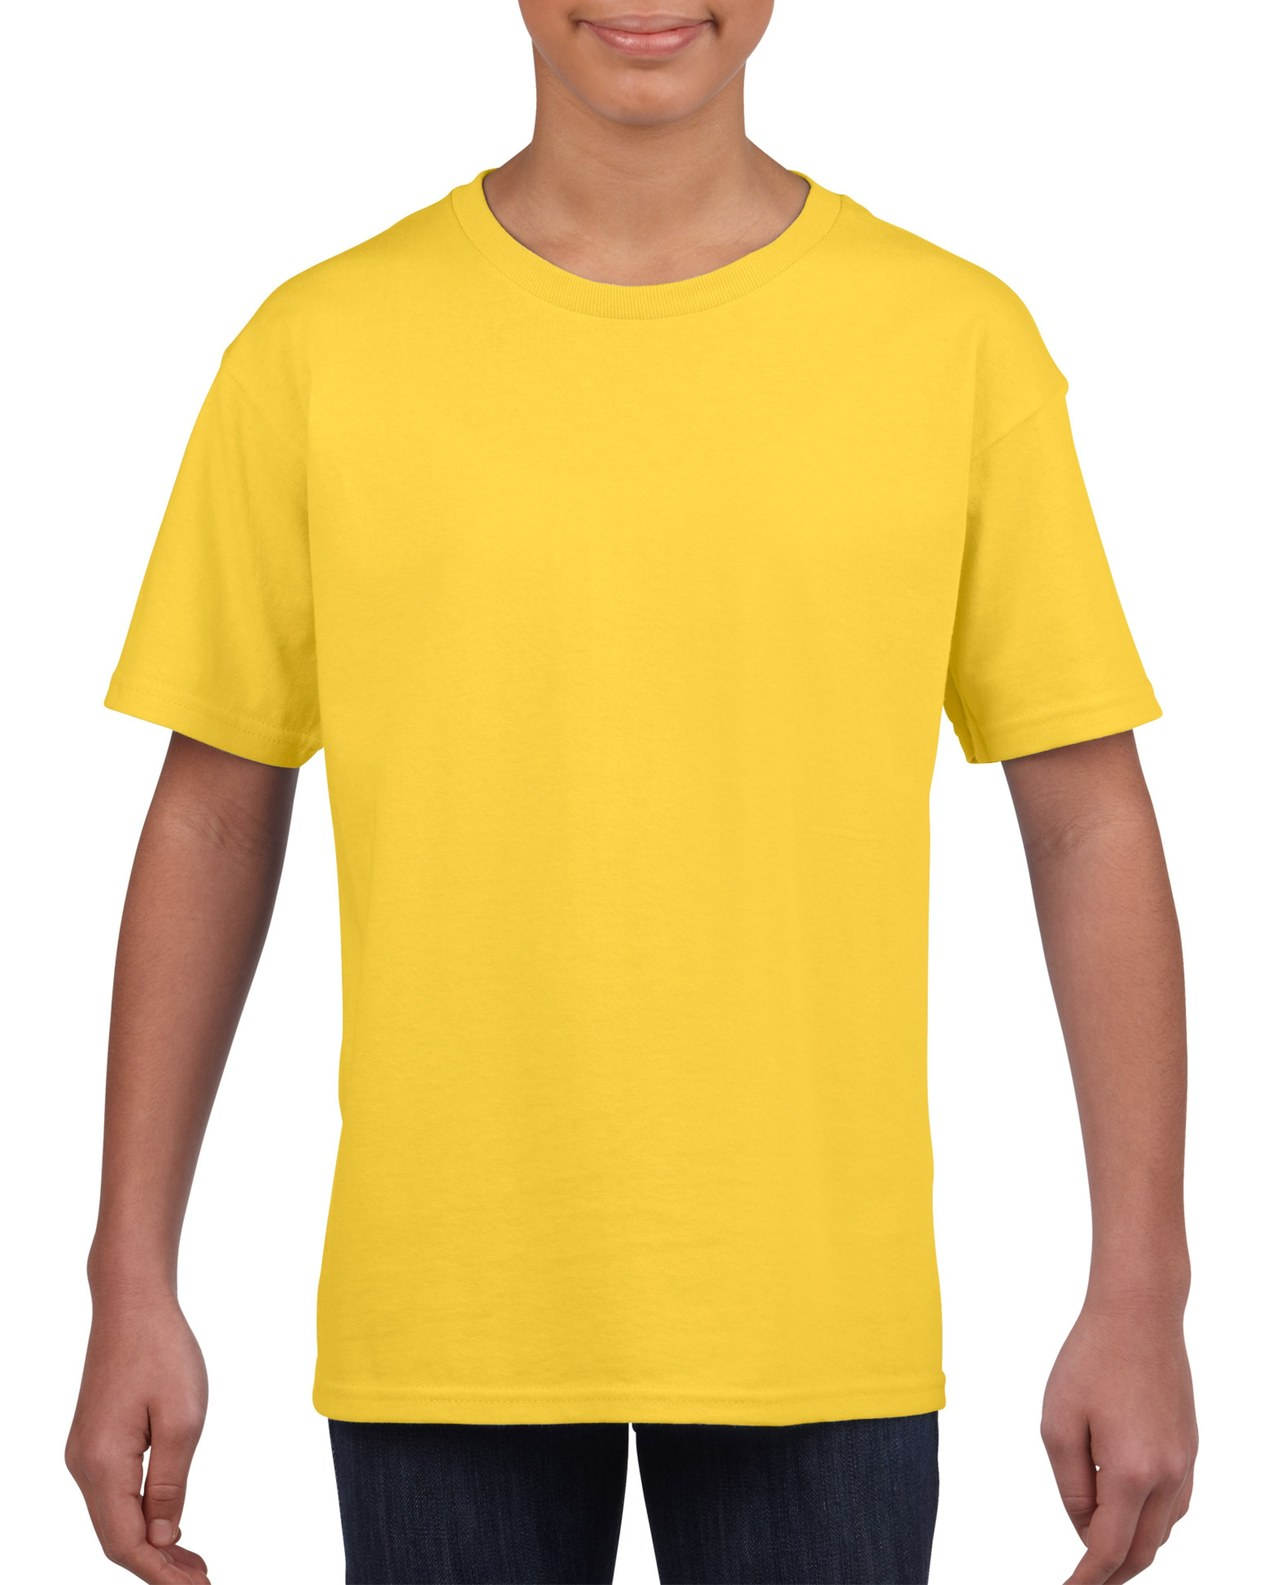 Camiseta Amarilla de Algondón 100%